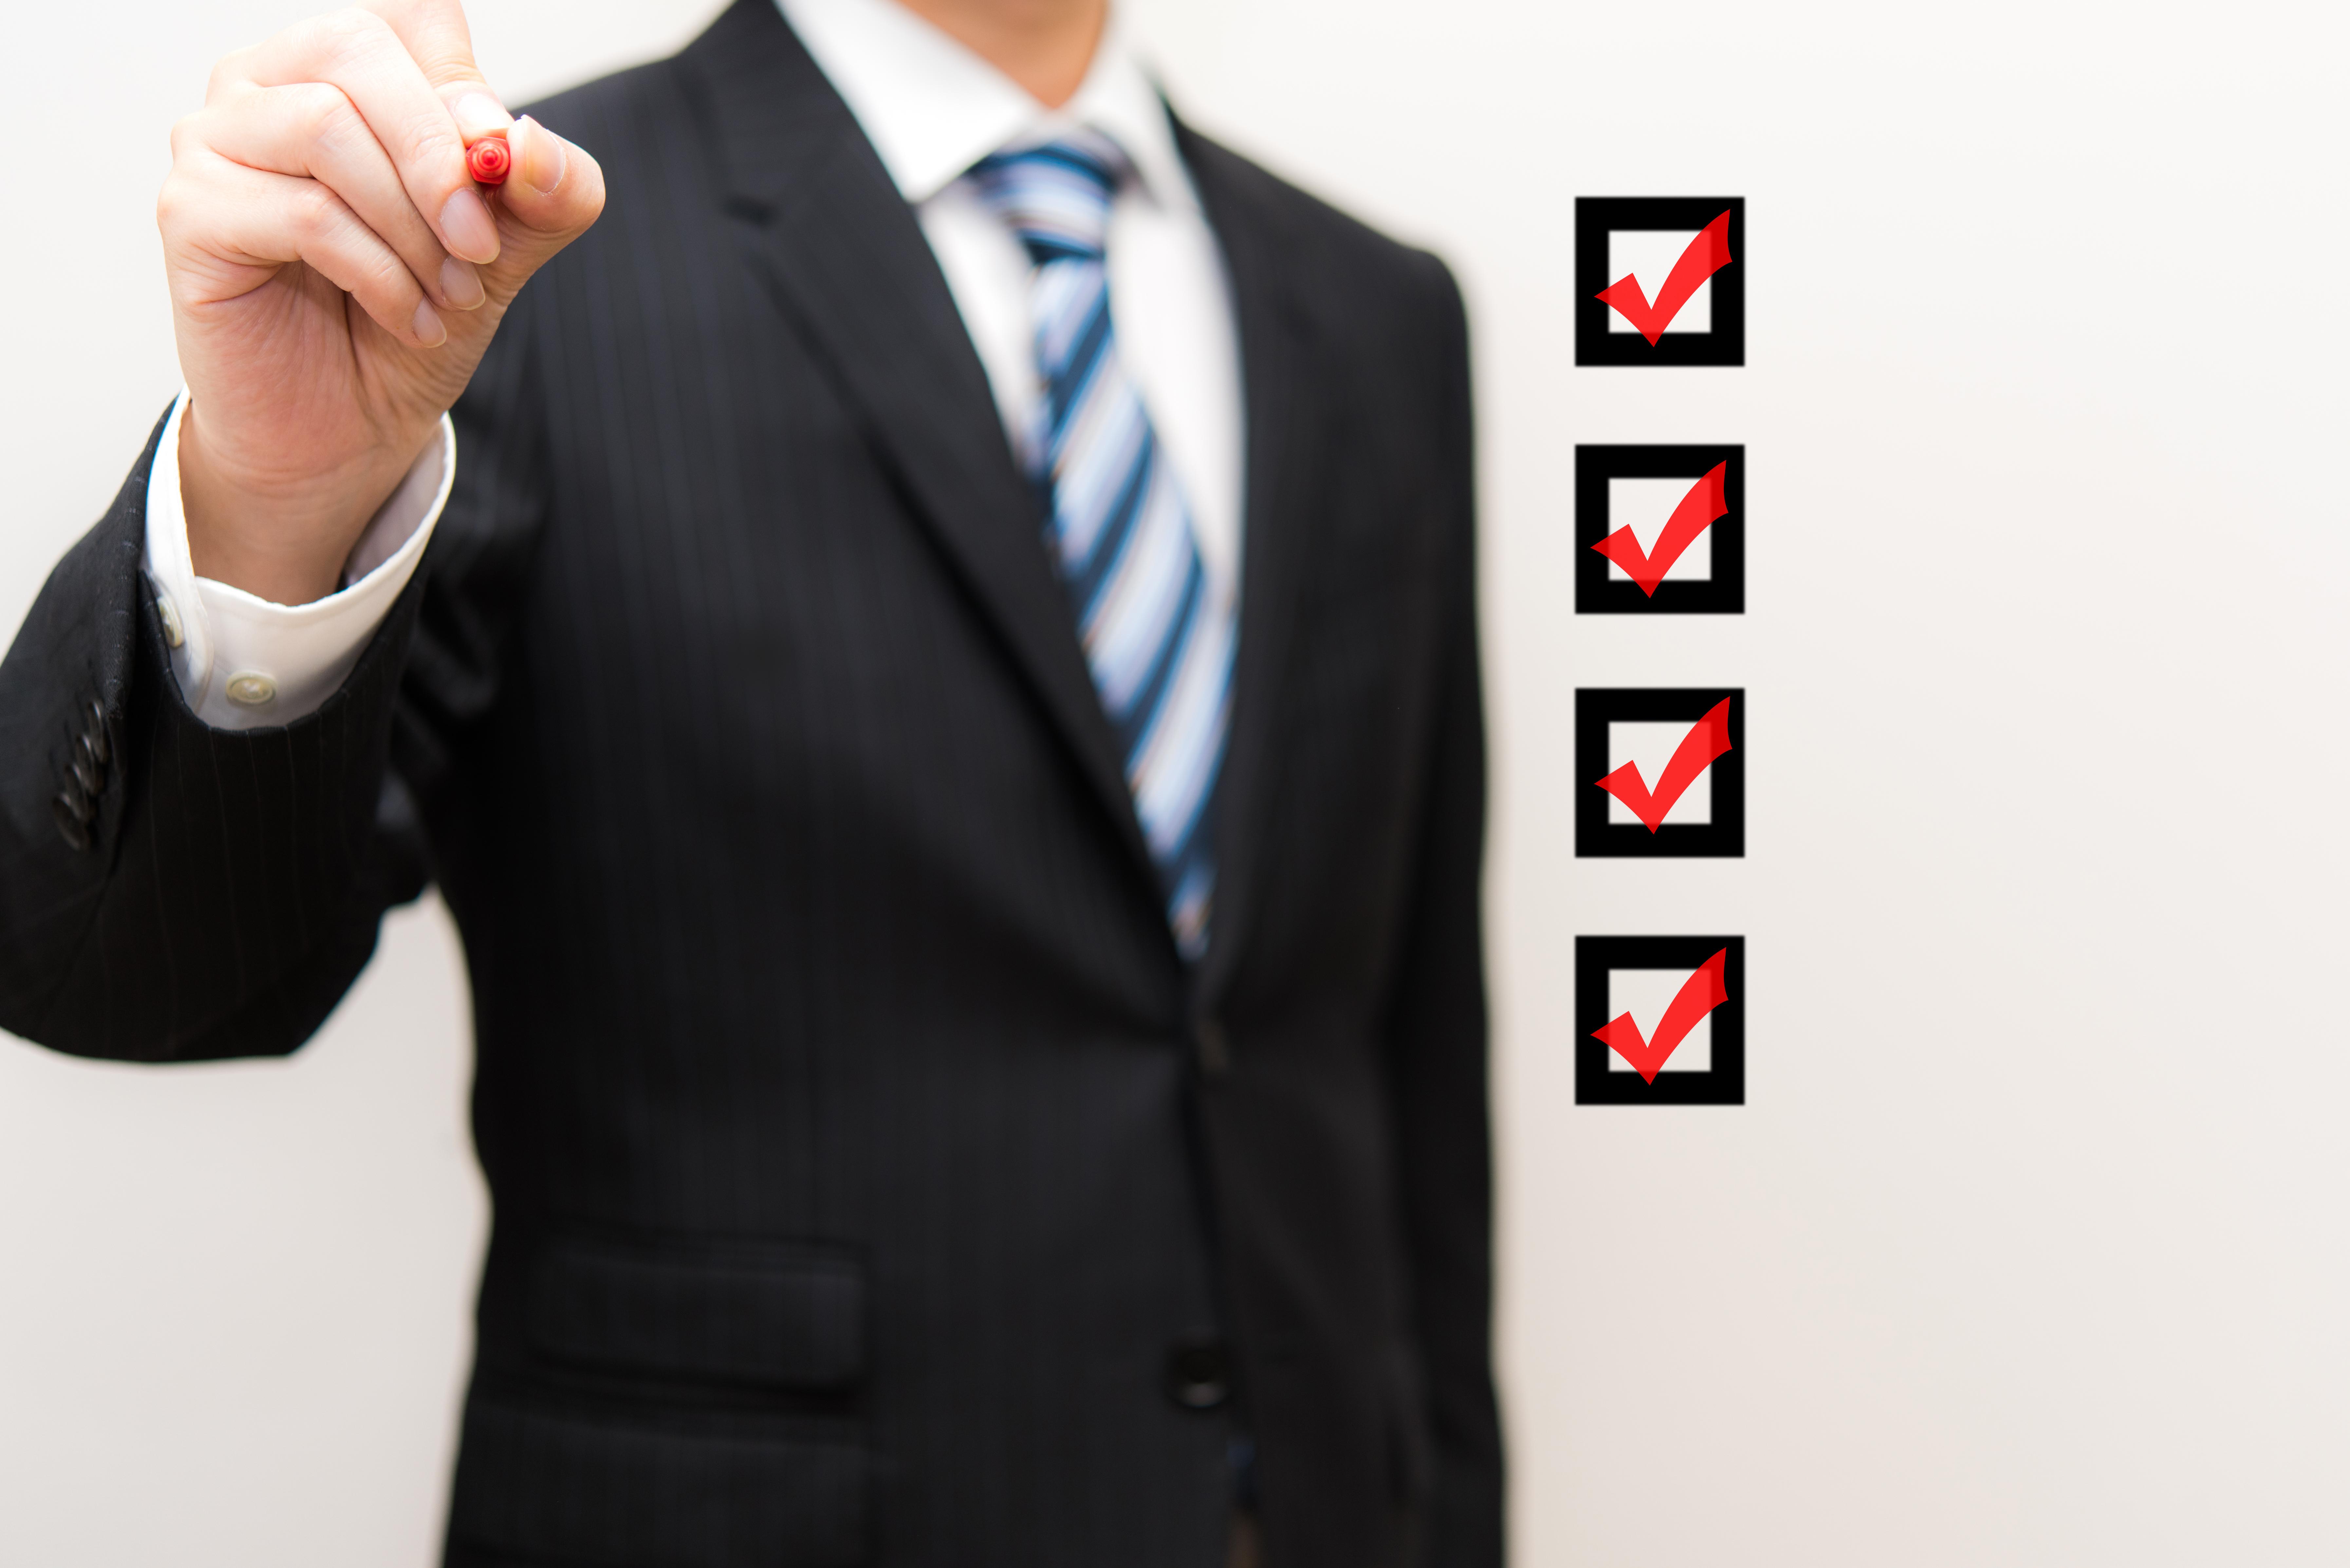 2021年10月より登録申請の受付が開始される消費税の「インボイス制度」